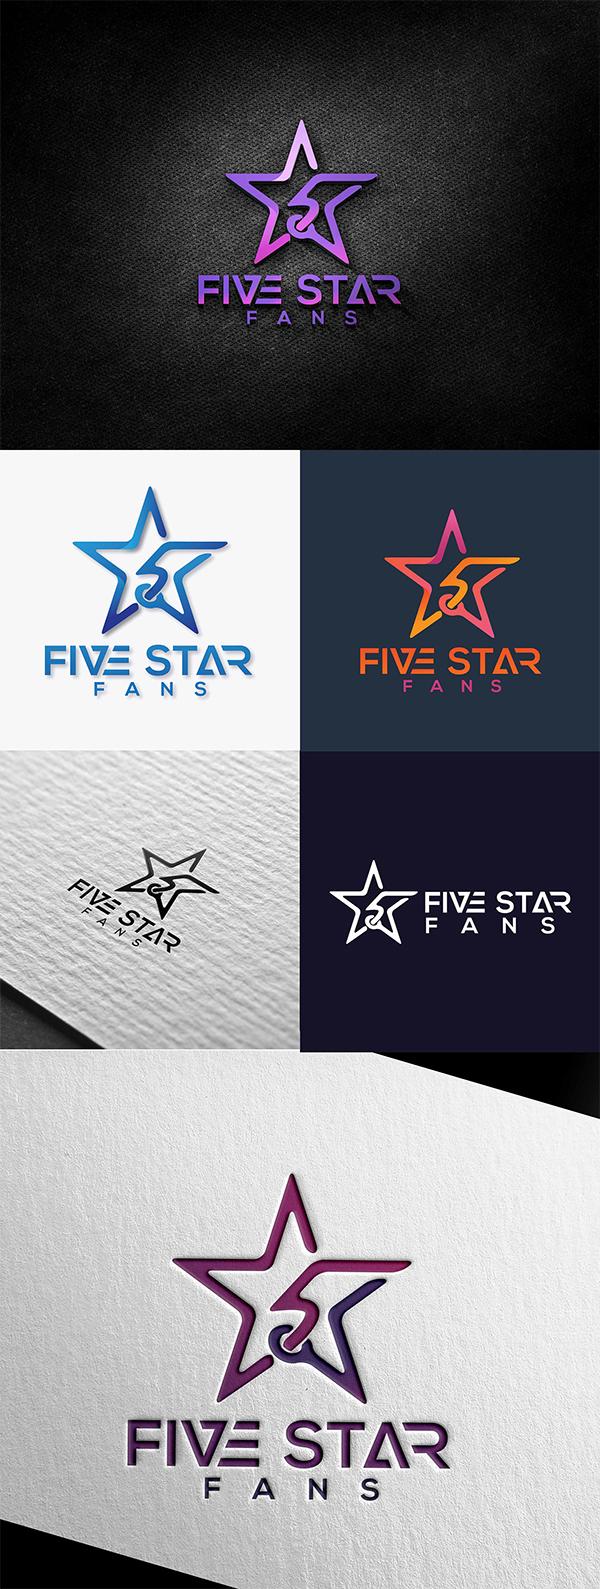 Five Star Creative Logo Design